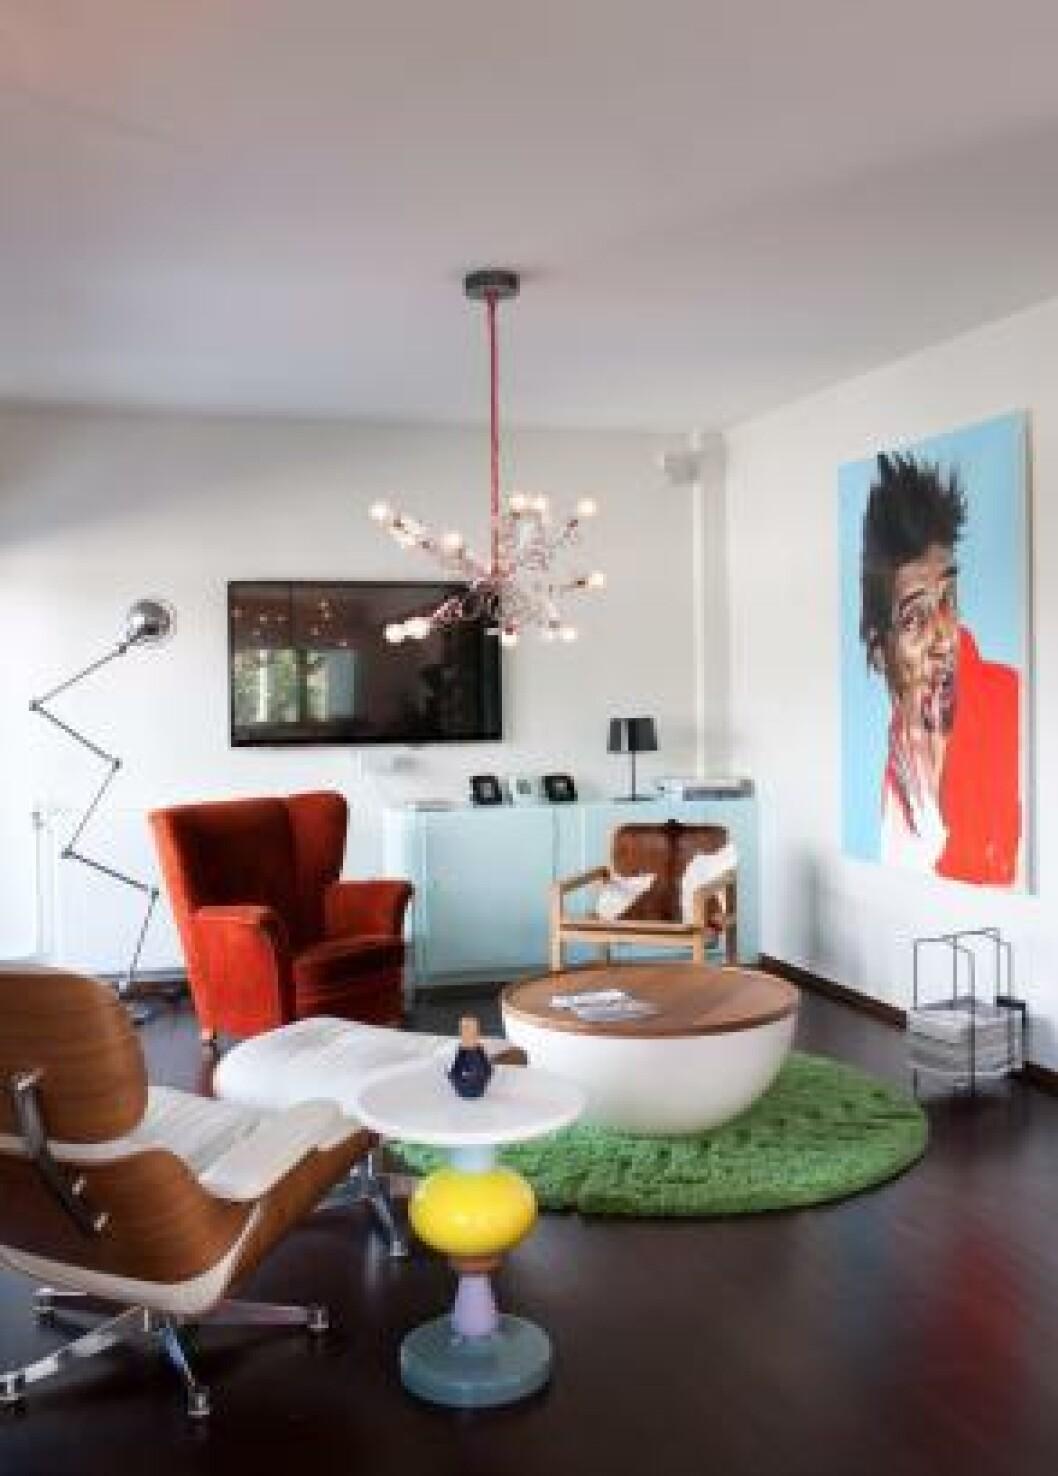 <strong>SOFALØS STUE:</strong> Stua er innredet med en uvanlig møbelmiks: Eames Lounge Chair fra Vitra, Shuffle sidebord fra Andtradition, bord med oppbevaringsplass fra Bolia, en gammel ørelappstol og en enkel hvilestol fra R.O.O.M. kledd med kuskinn fra Ikea. Gulvteppet er fra Permafrost, taklampa fra Ingo Maurer. Bildet er malt av Kristoffer Evang. Flatskjermen er nesten borte i vrimmelen. Foto: Espen Grønli